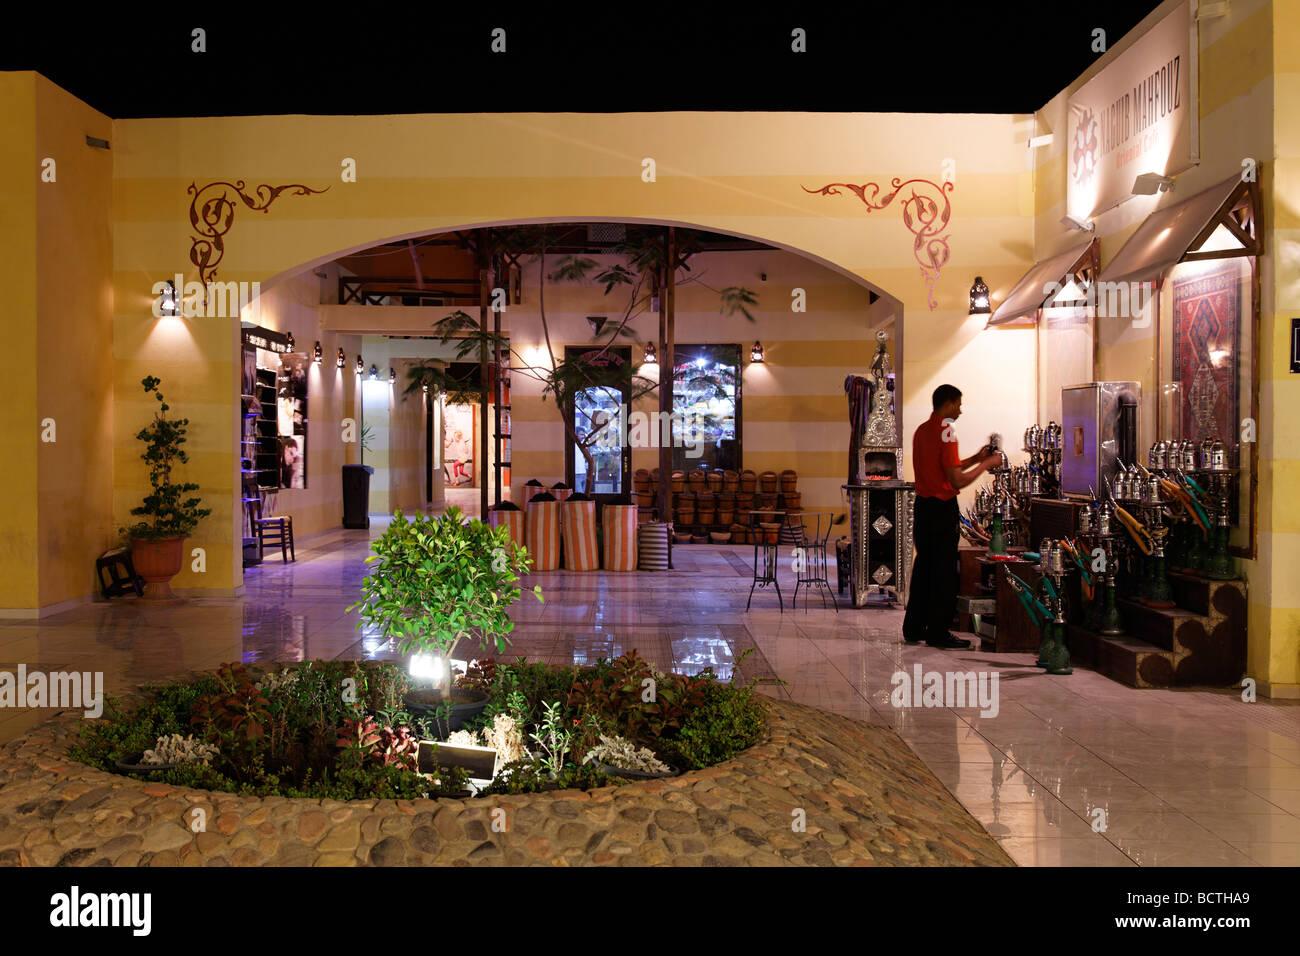 Cour intérieure, éclairé, nuit, les lumières, marché traditionnel, Souk, Marina, Hurghada, Photo Stock